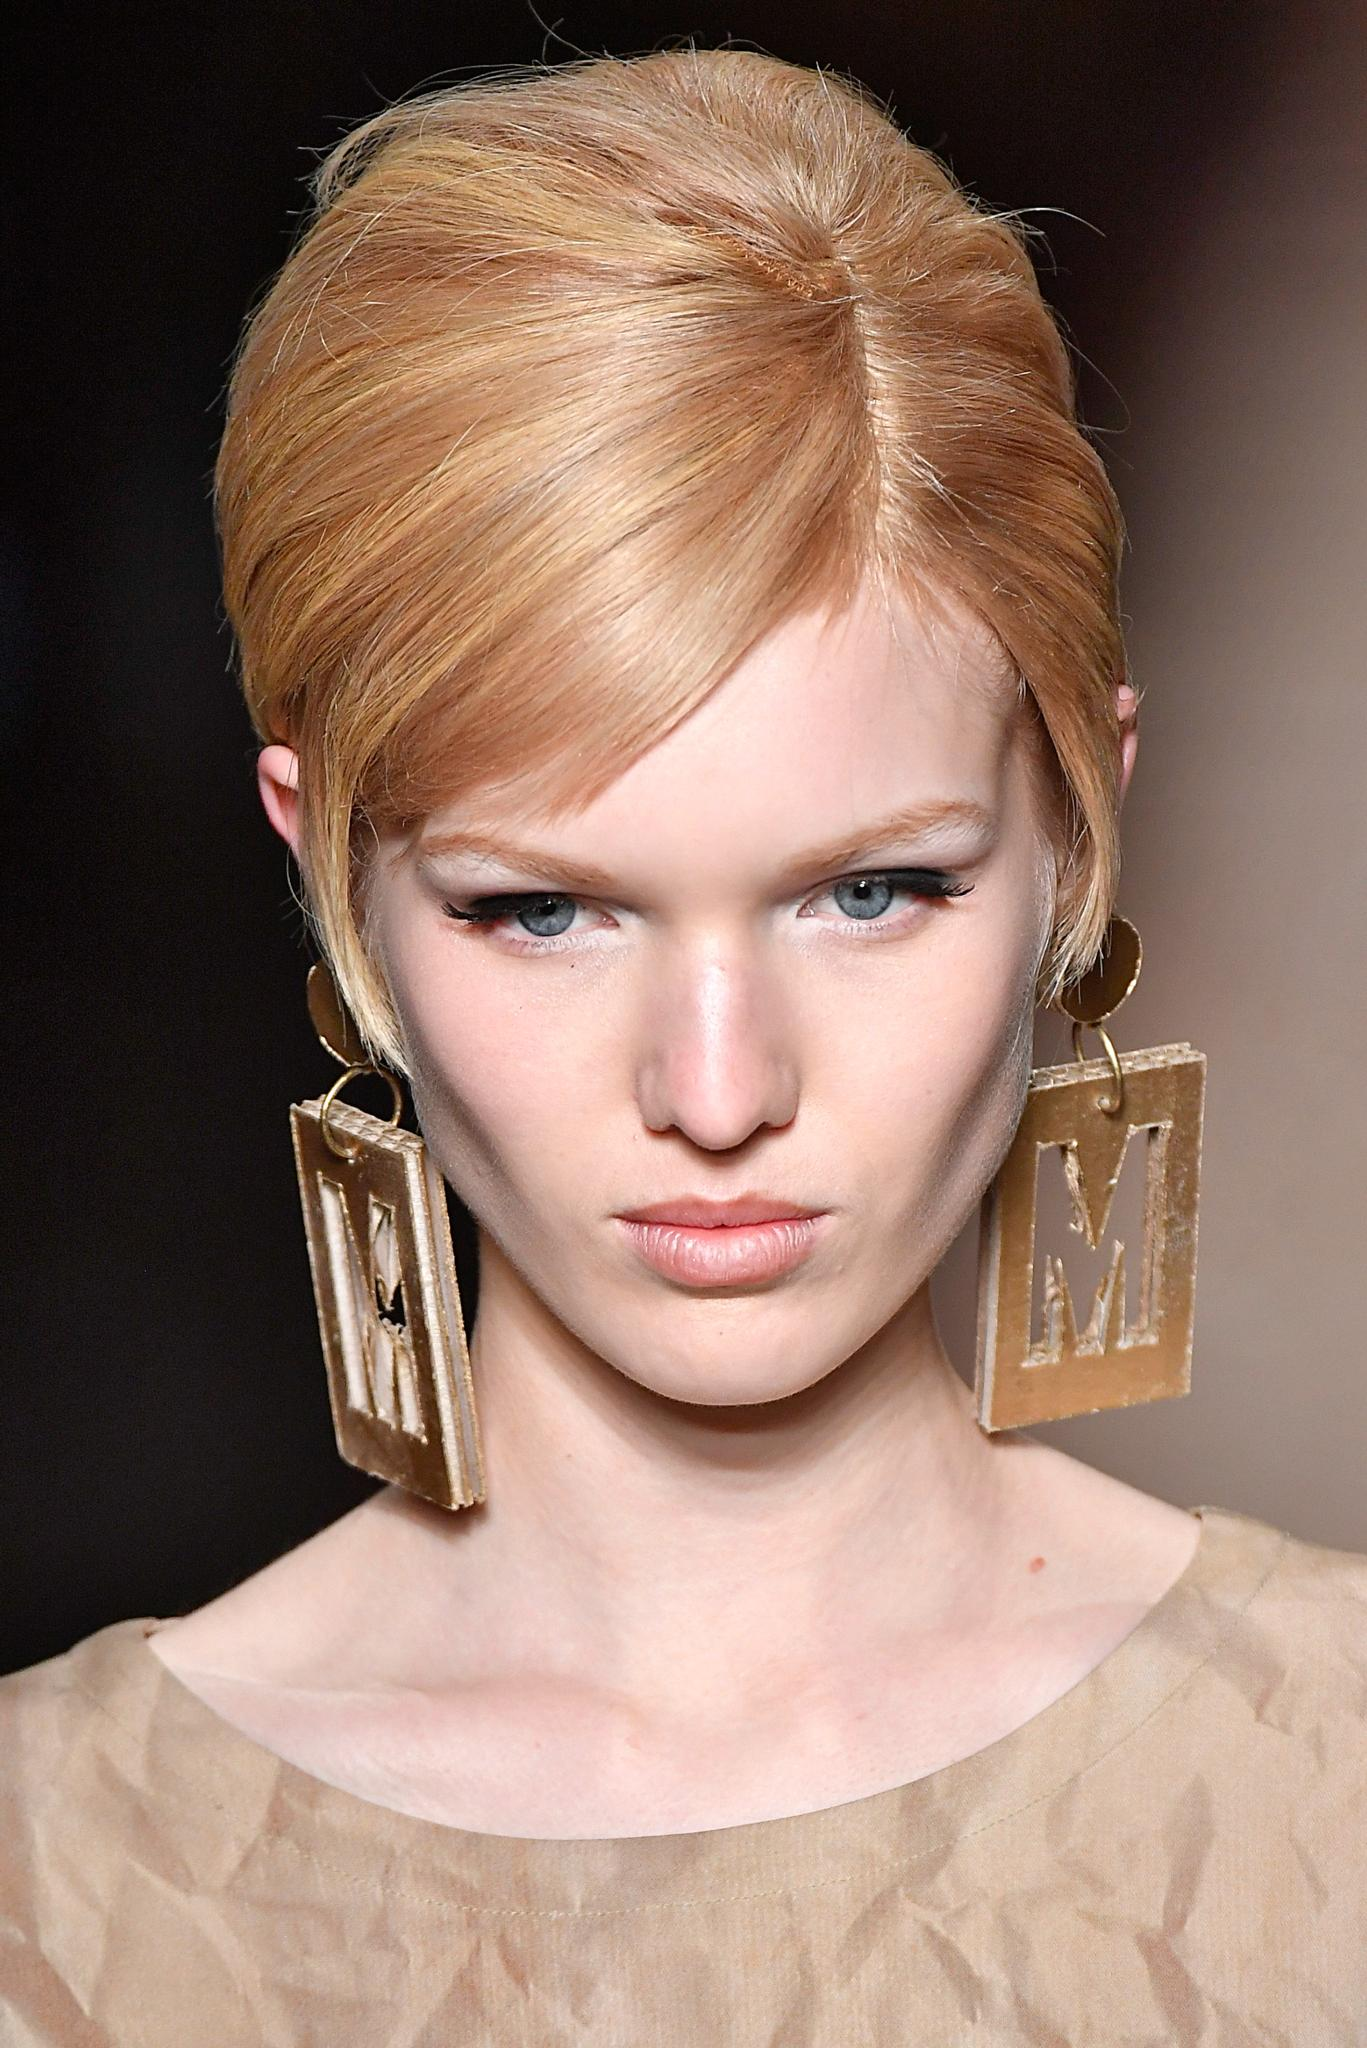 Peinado recogido, melena rubia raya al costado y grandes aros dorados